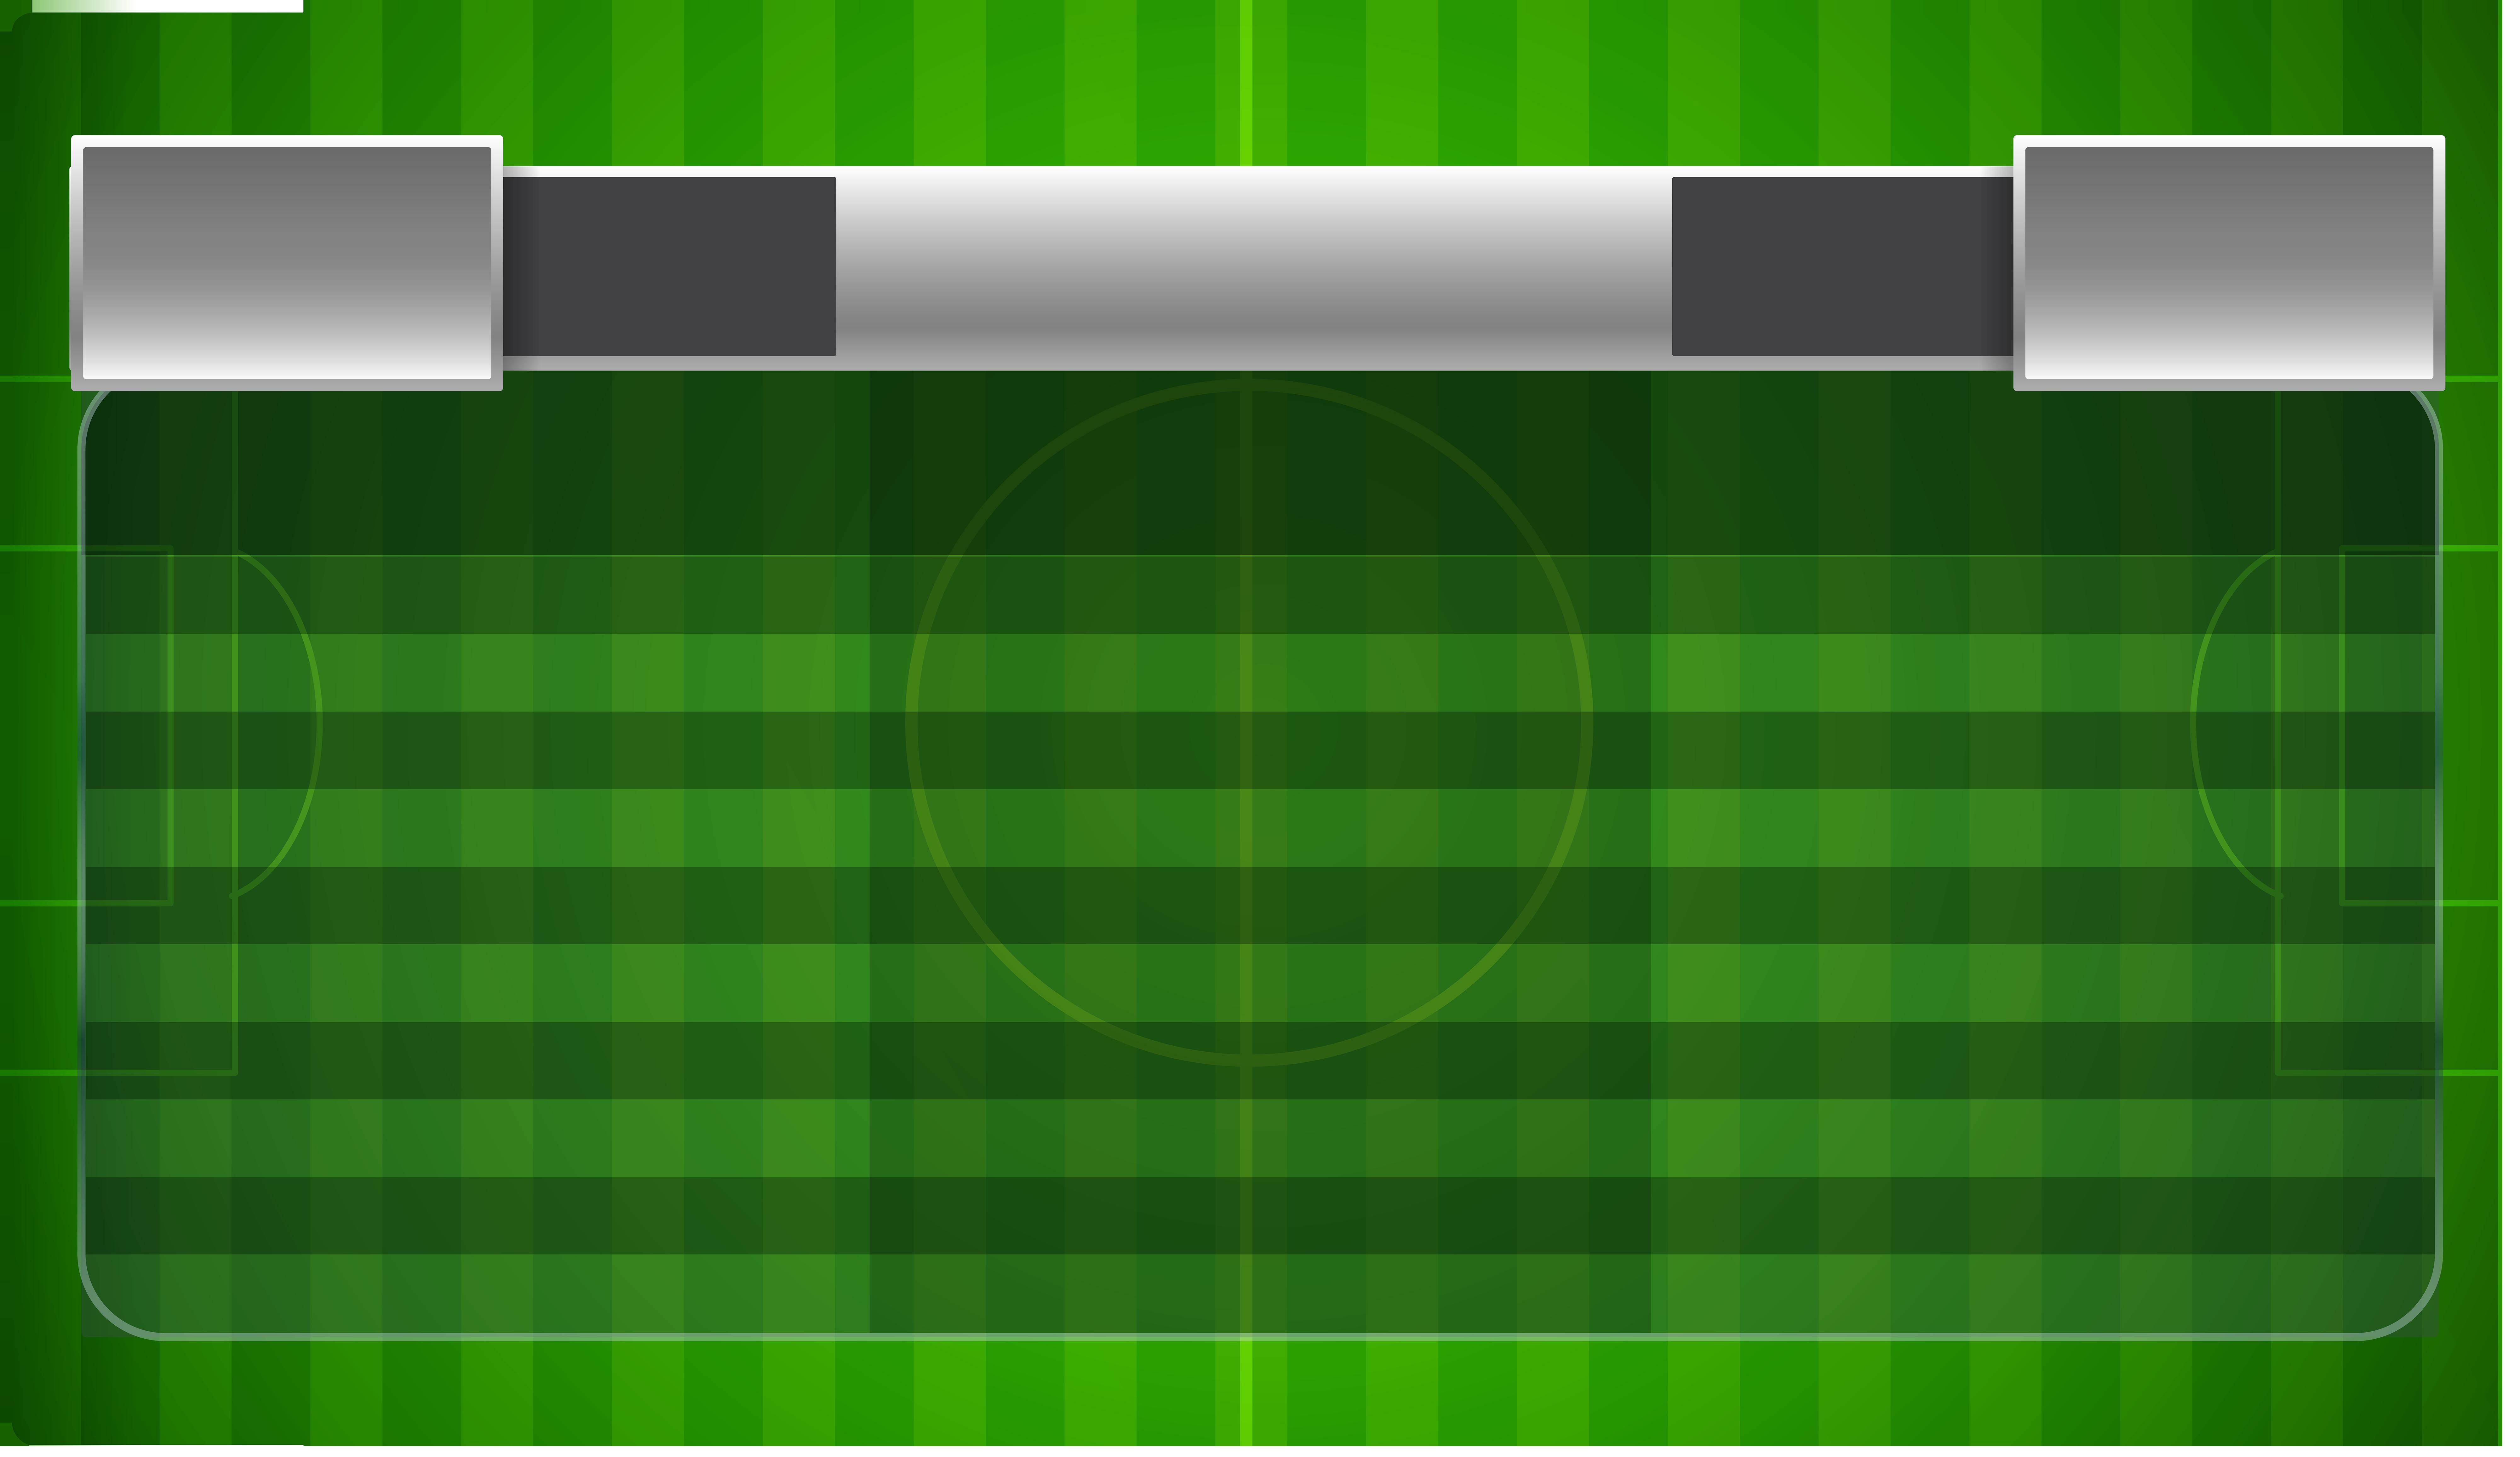 Soccer Scoreboard Transparent PNG Image.